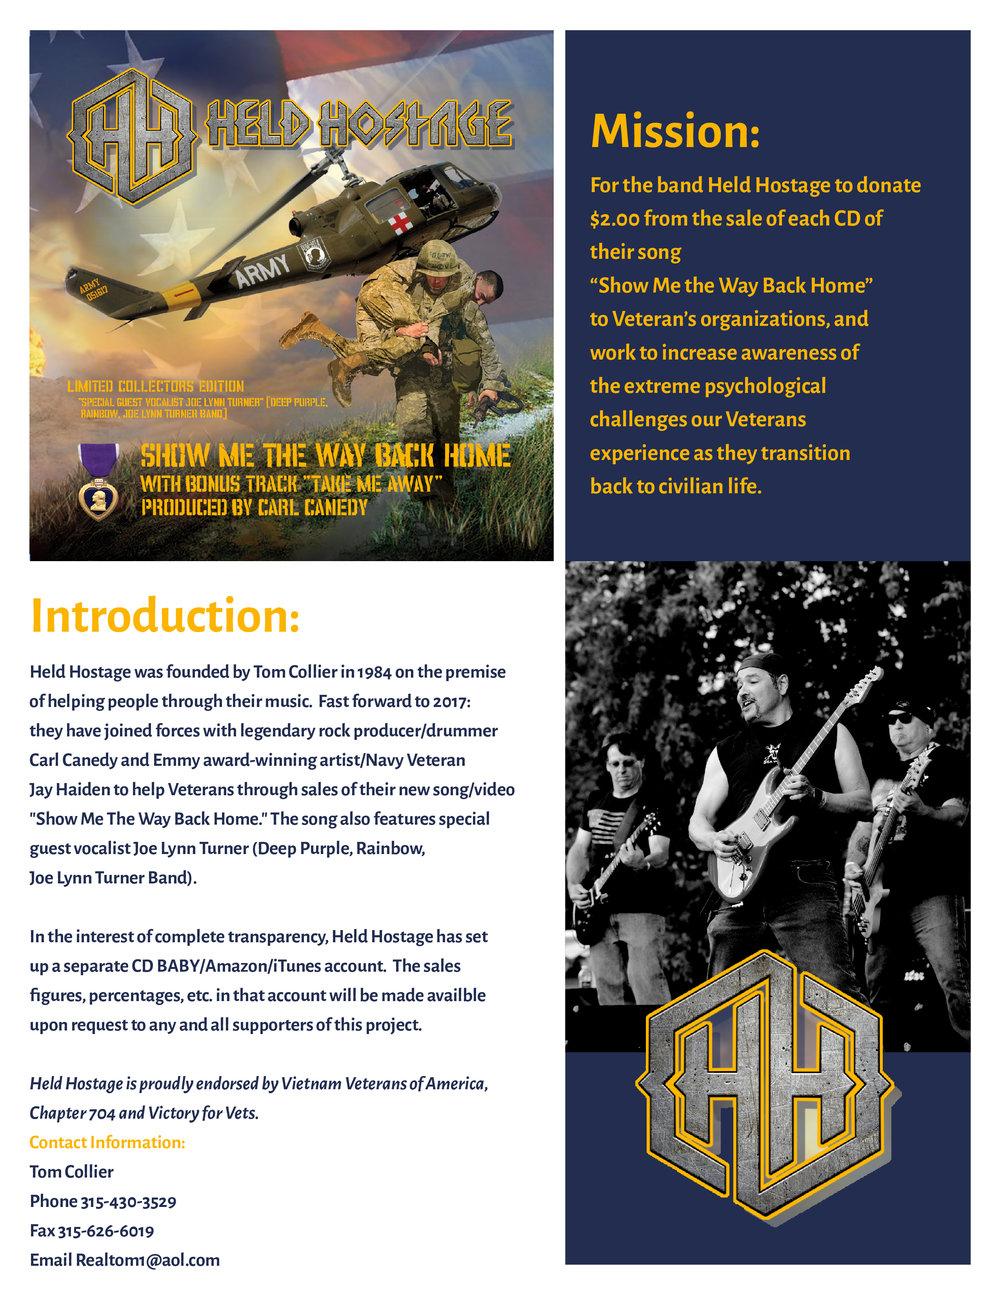 Held Hostage Media Kit